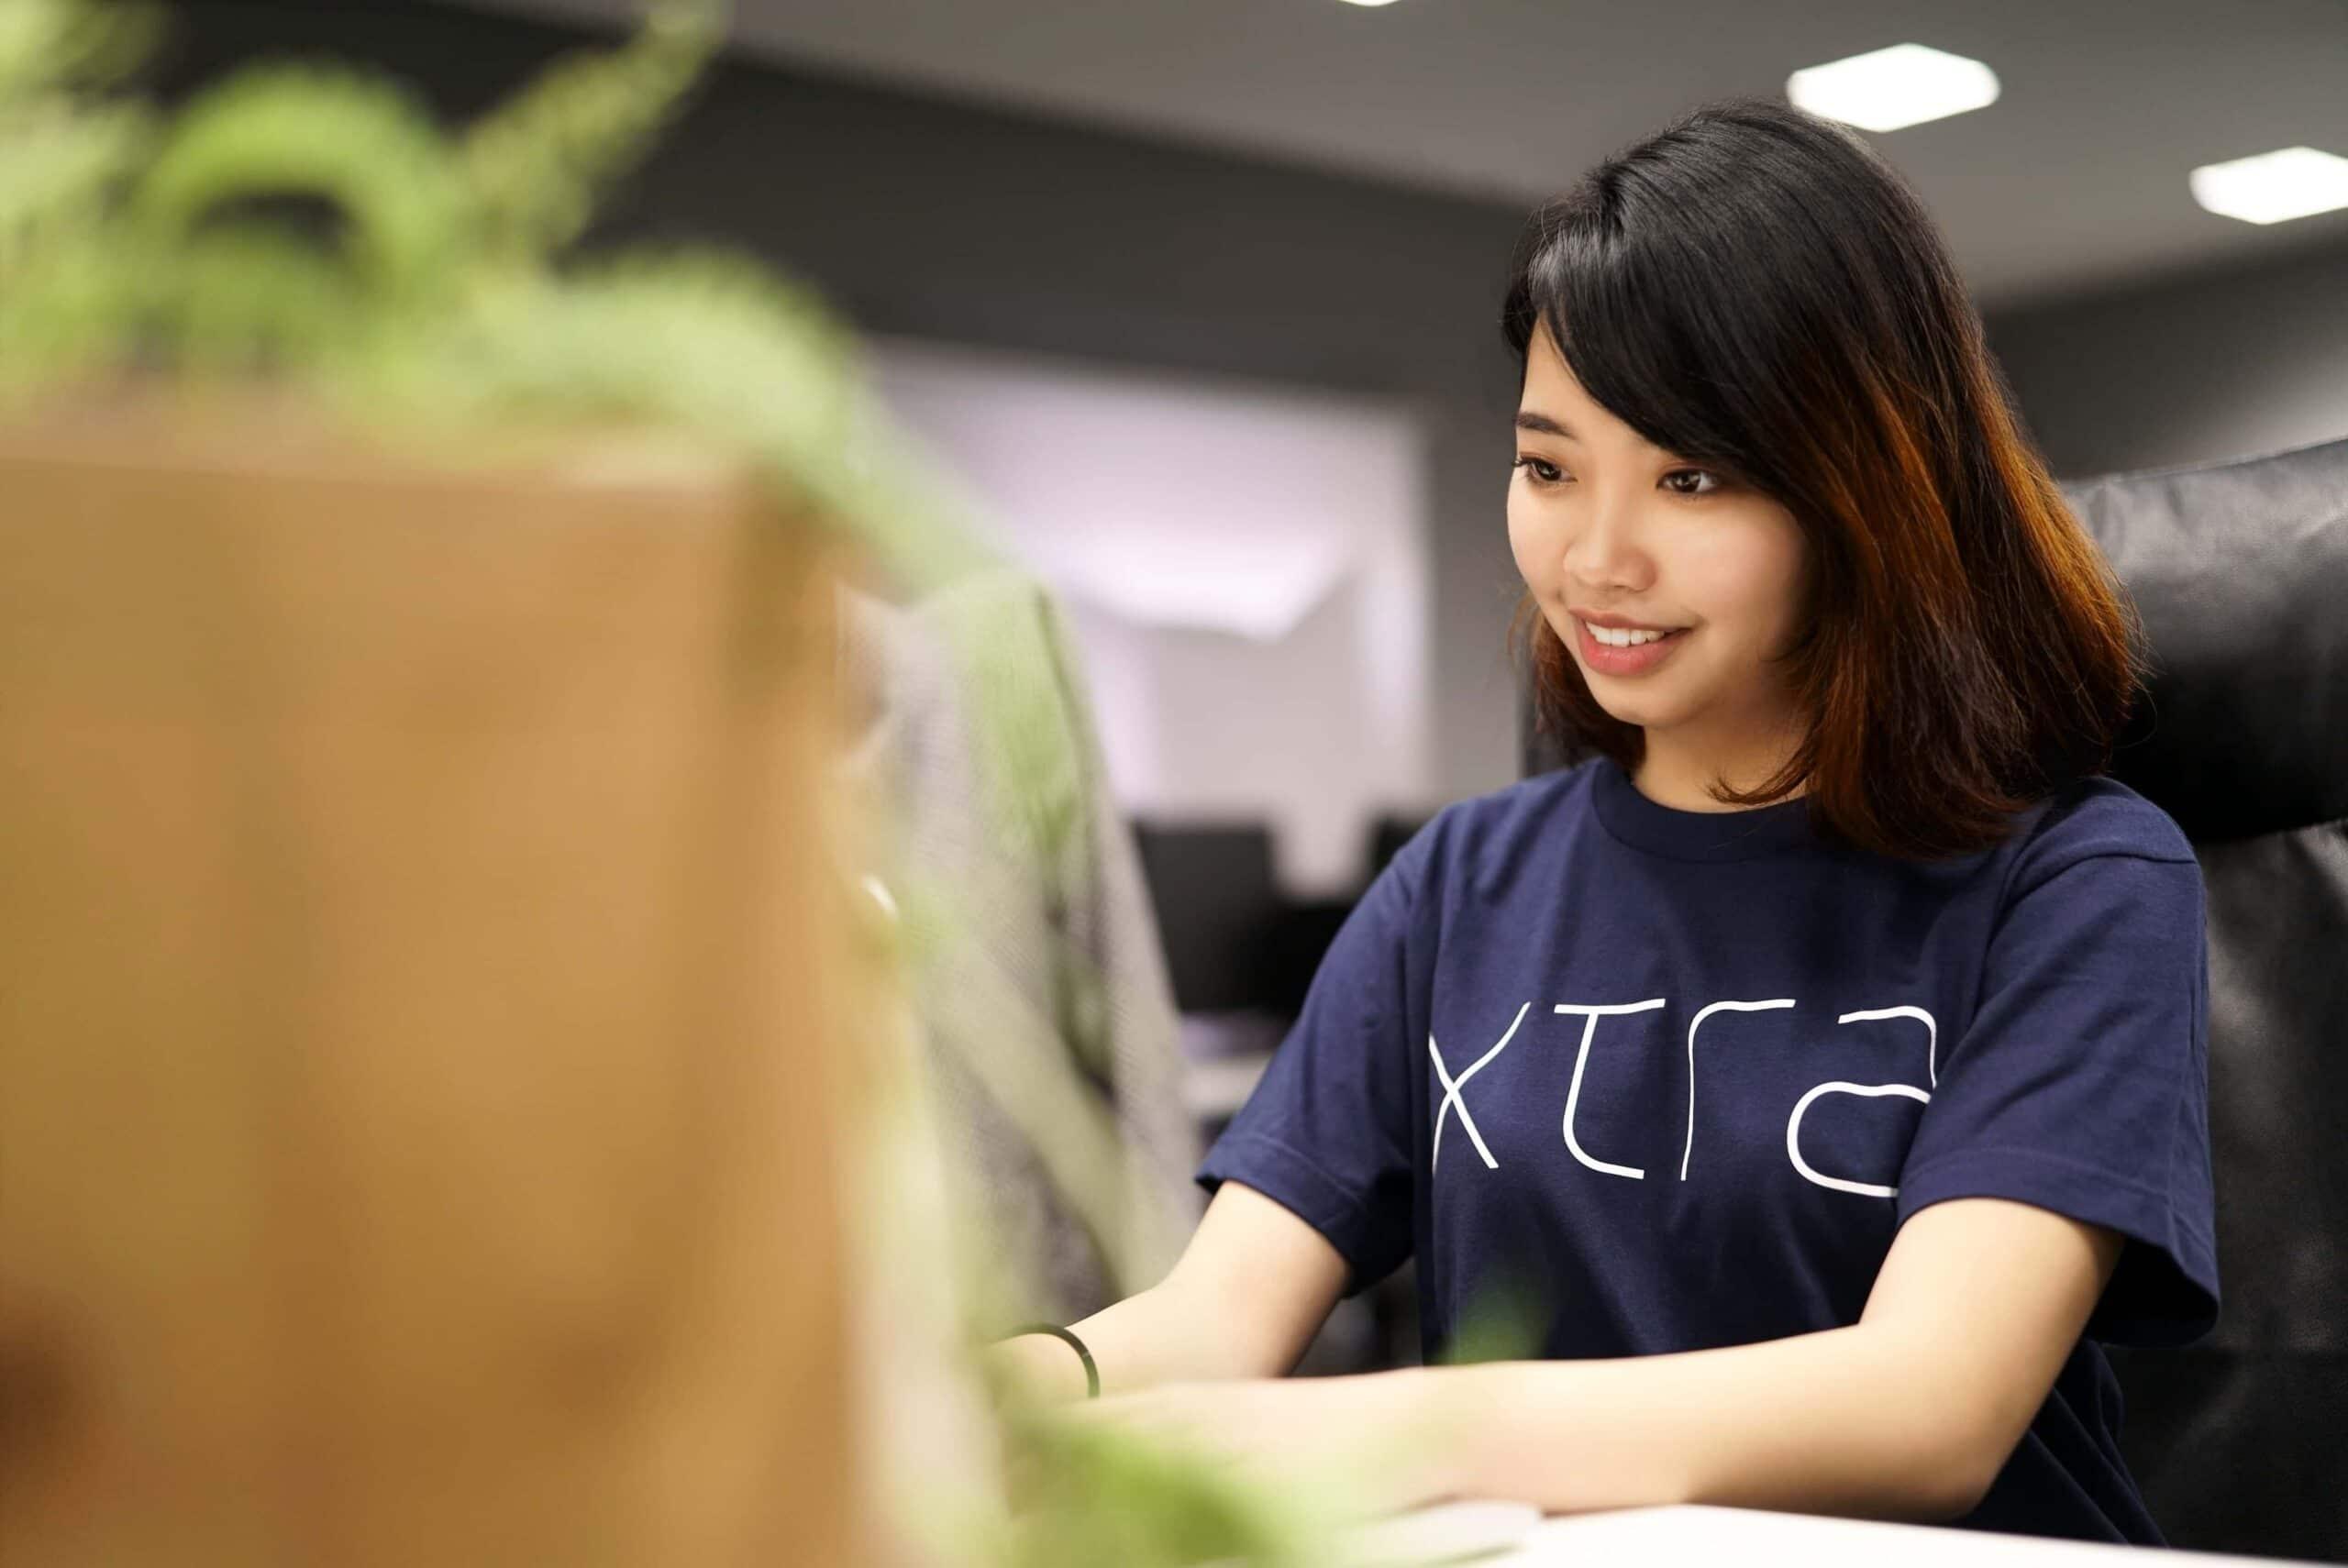 woman-smiling-at-computer